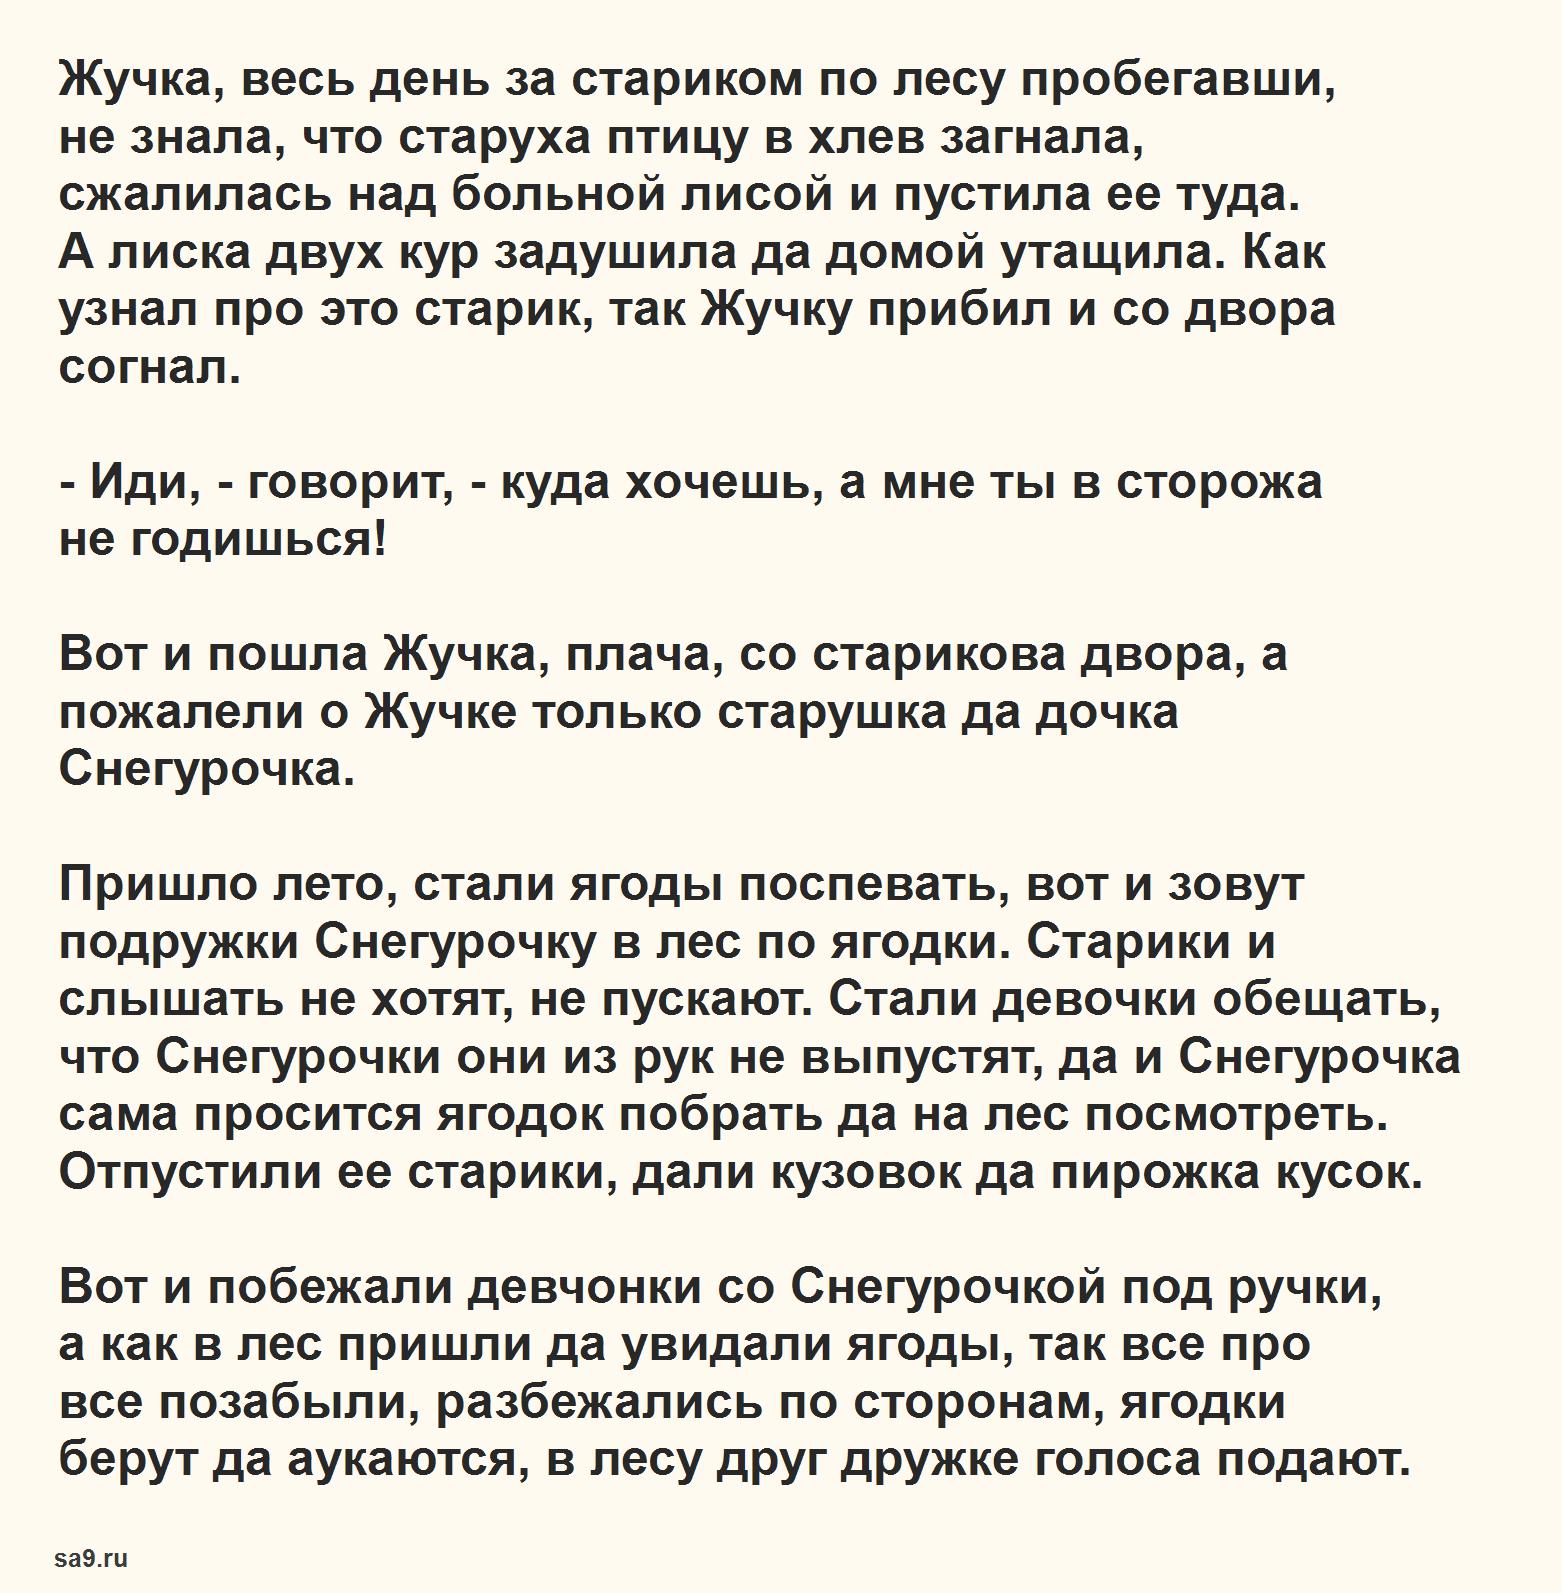 Читать интересную сказку - Девочка Снегурочка, Даль